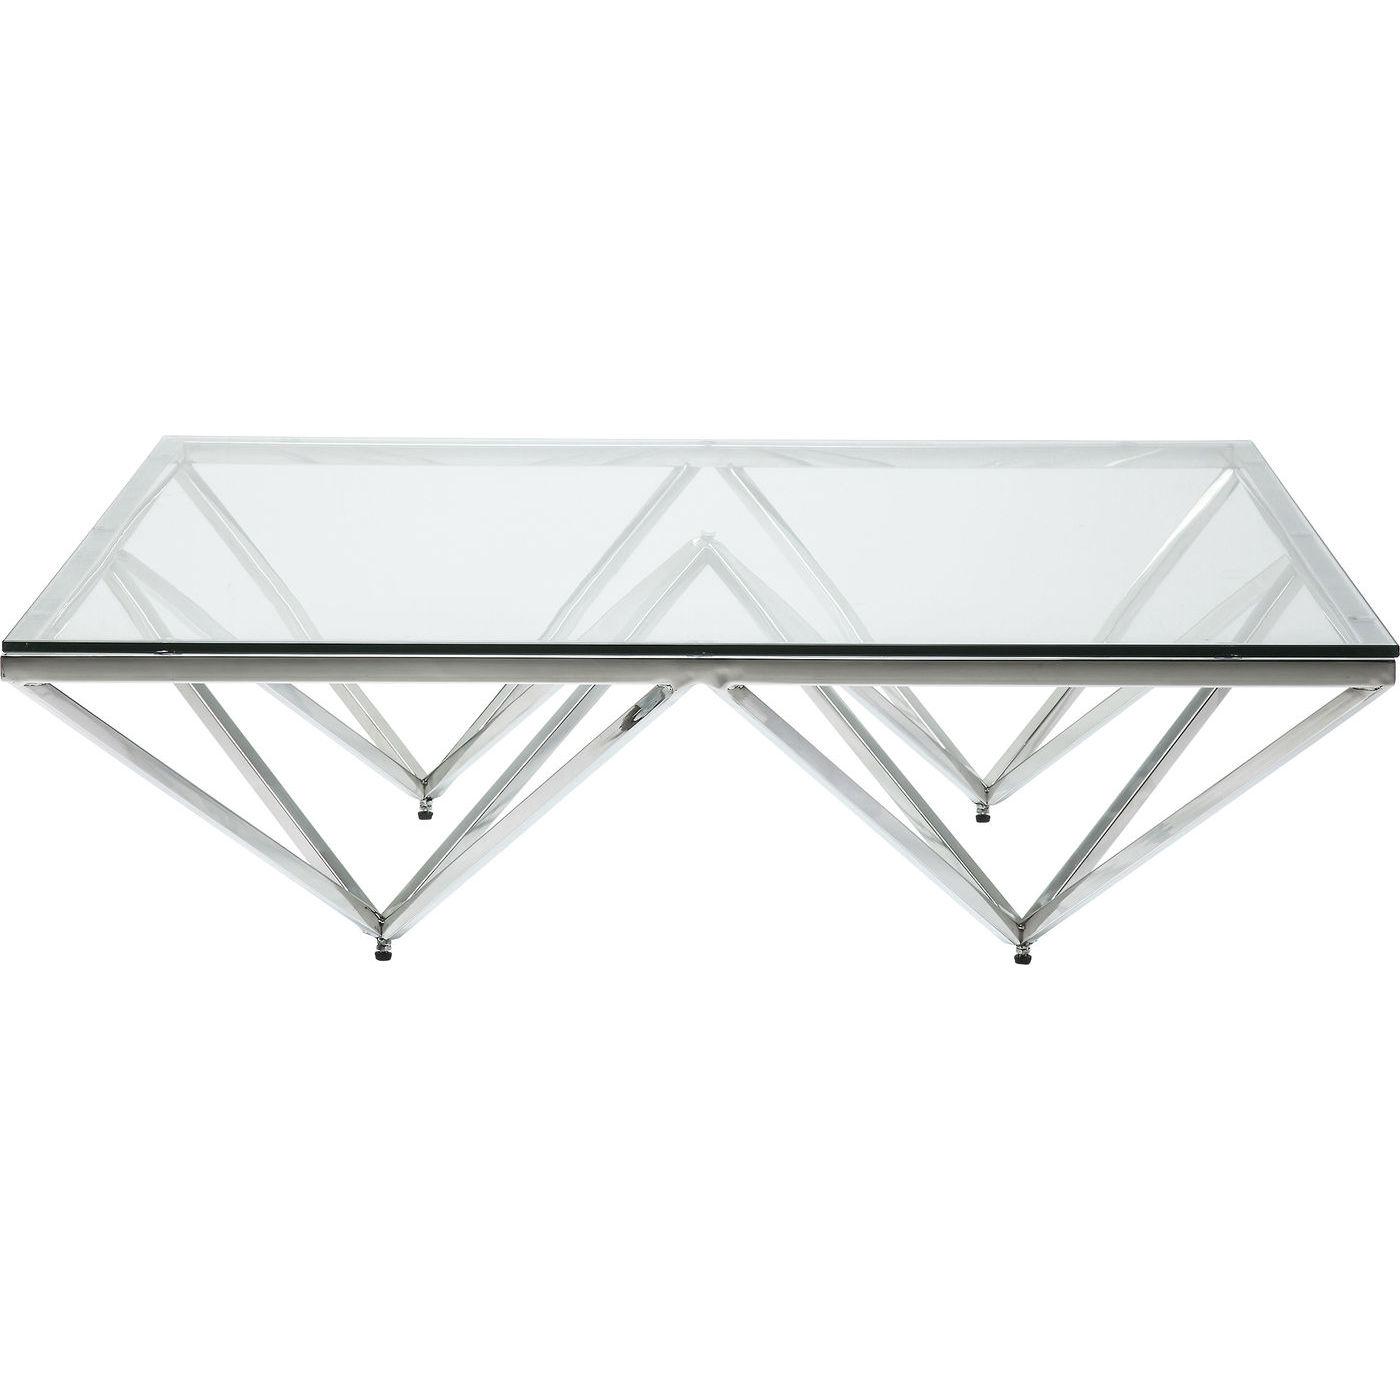 kare design Kare design network sofabord - glas og metal (105x105) på boboonline.dk